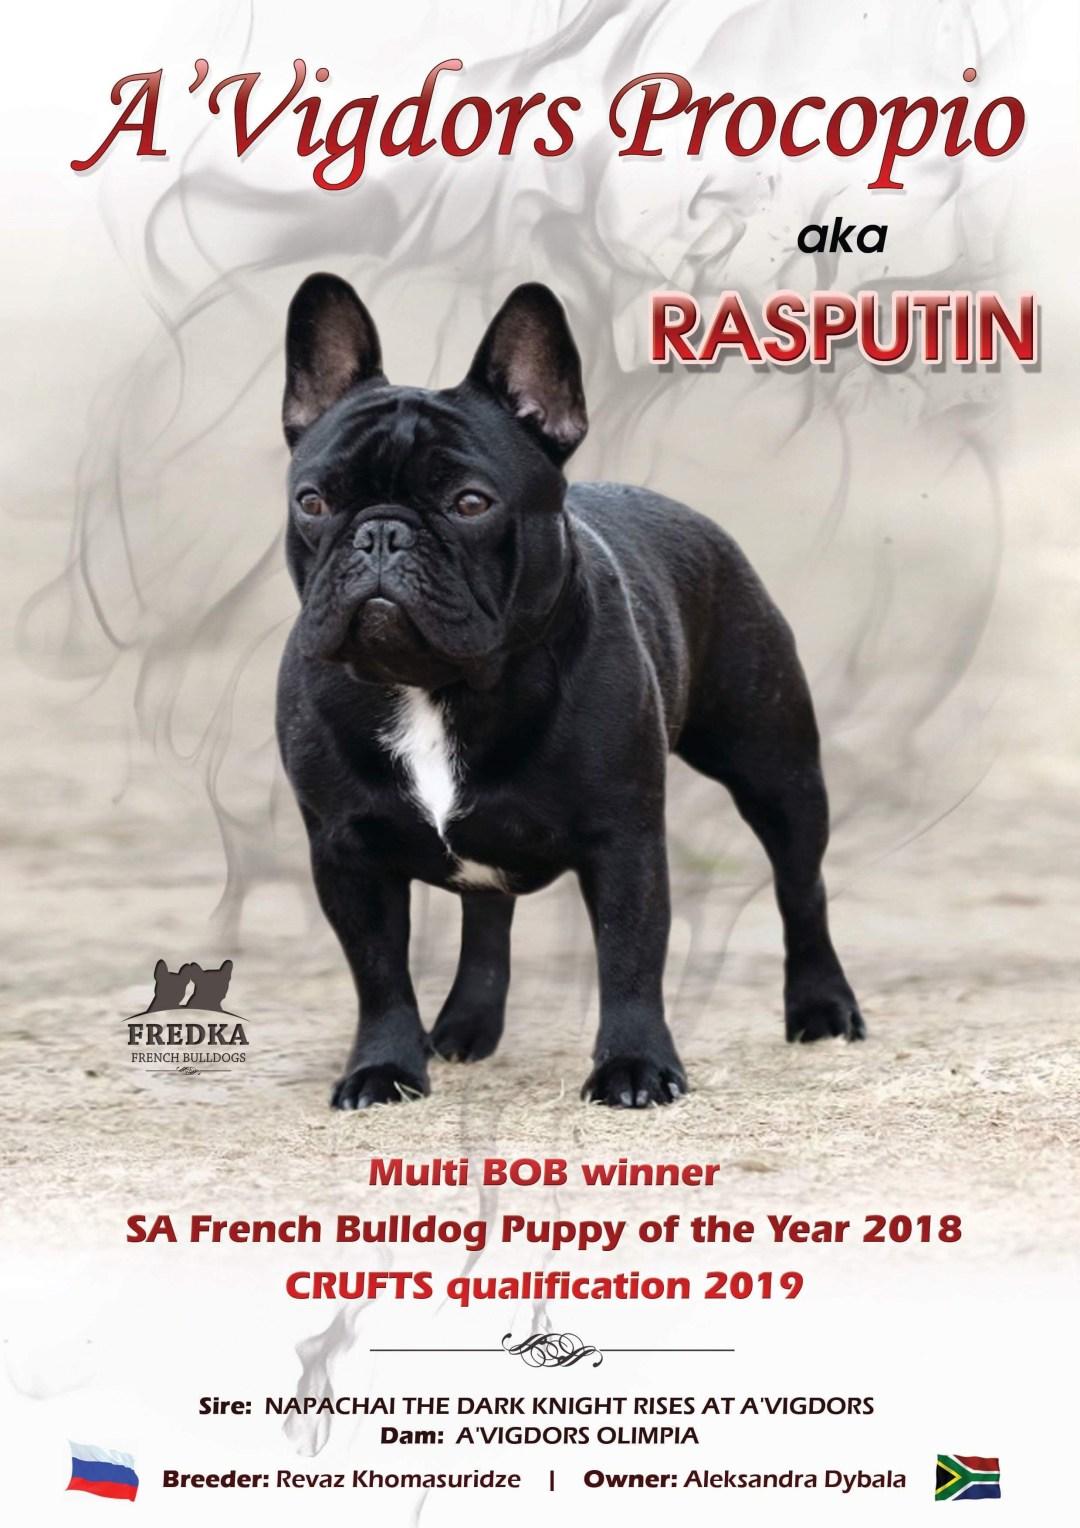 Magazine relaunch